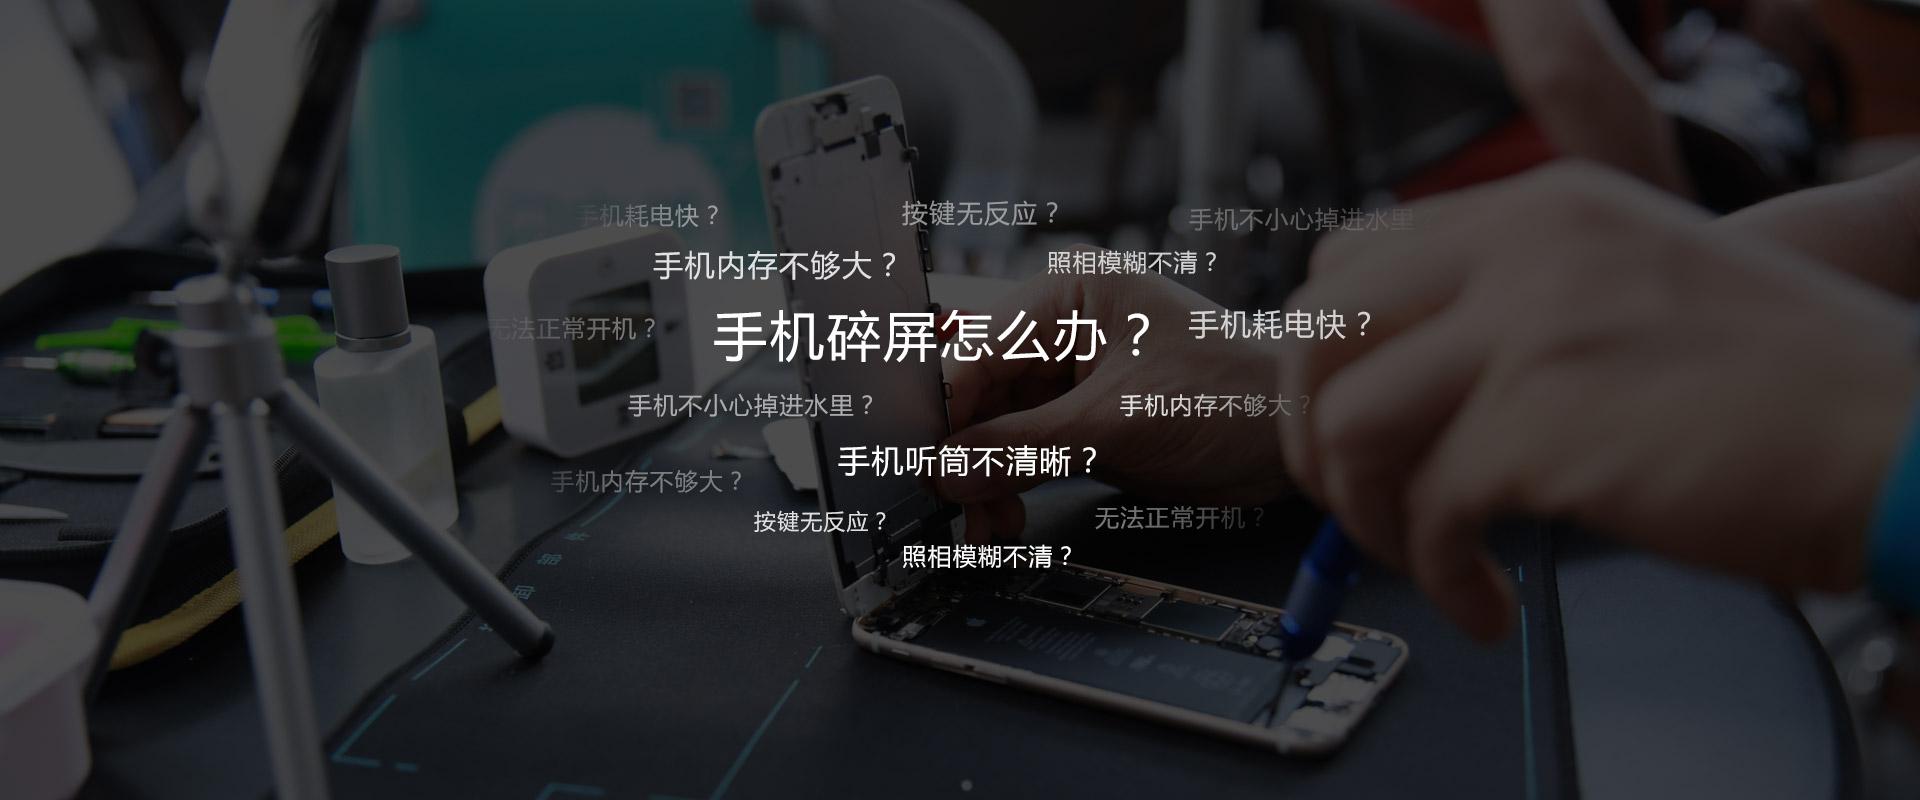 手机碎屏怎么办?